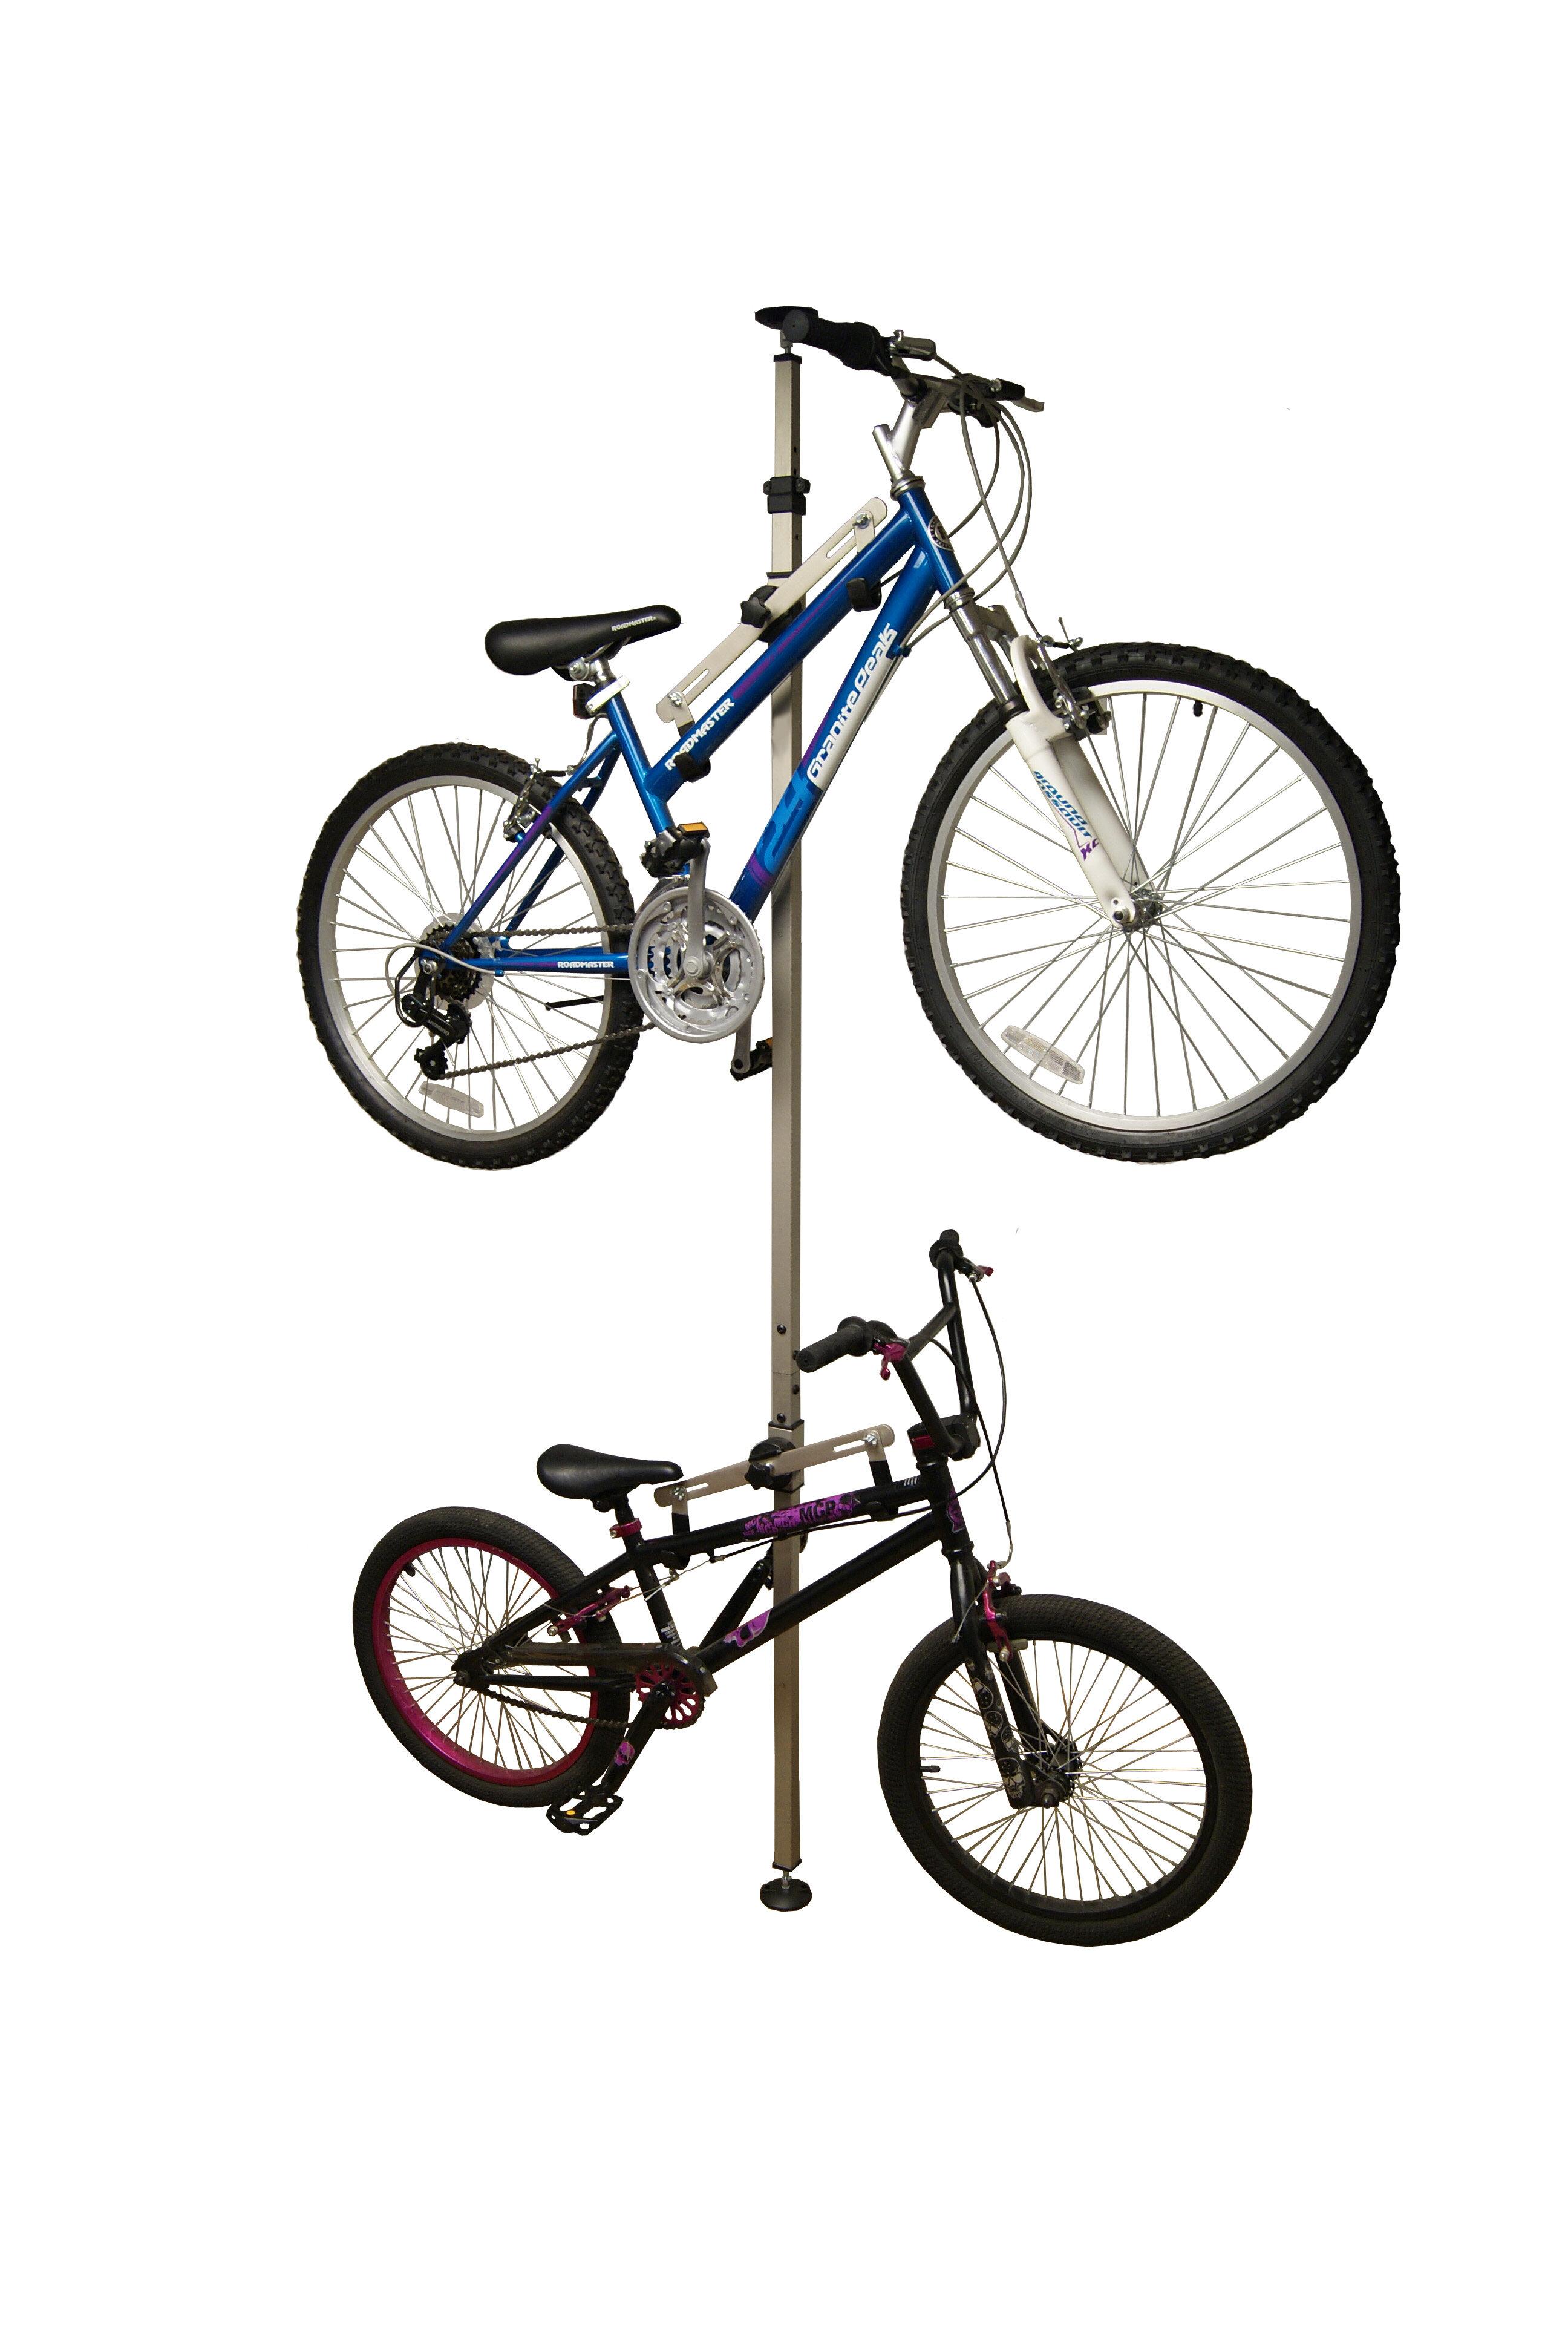 Ceiling Bike Rack >> Wfx Utility Koby 2 Bike Floor To Ceiling Mounted Bike Rack Reviews